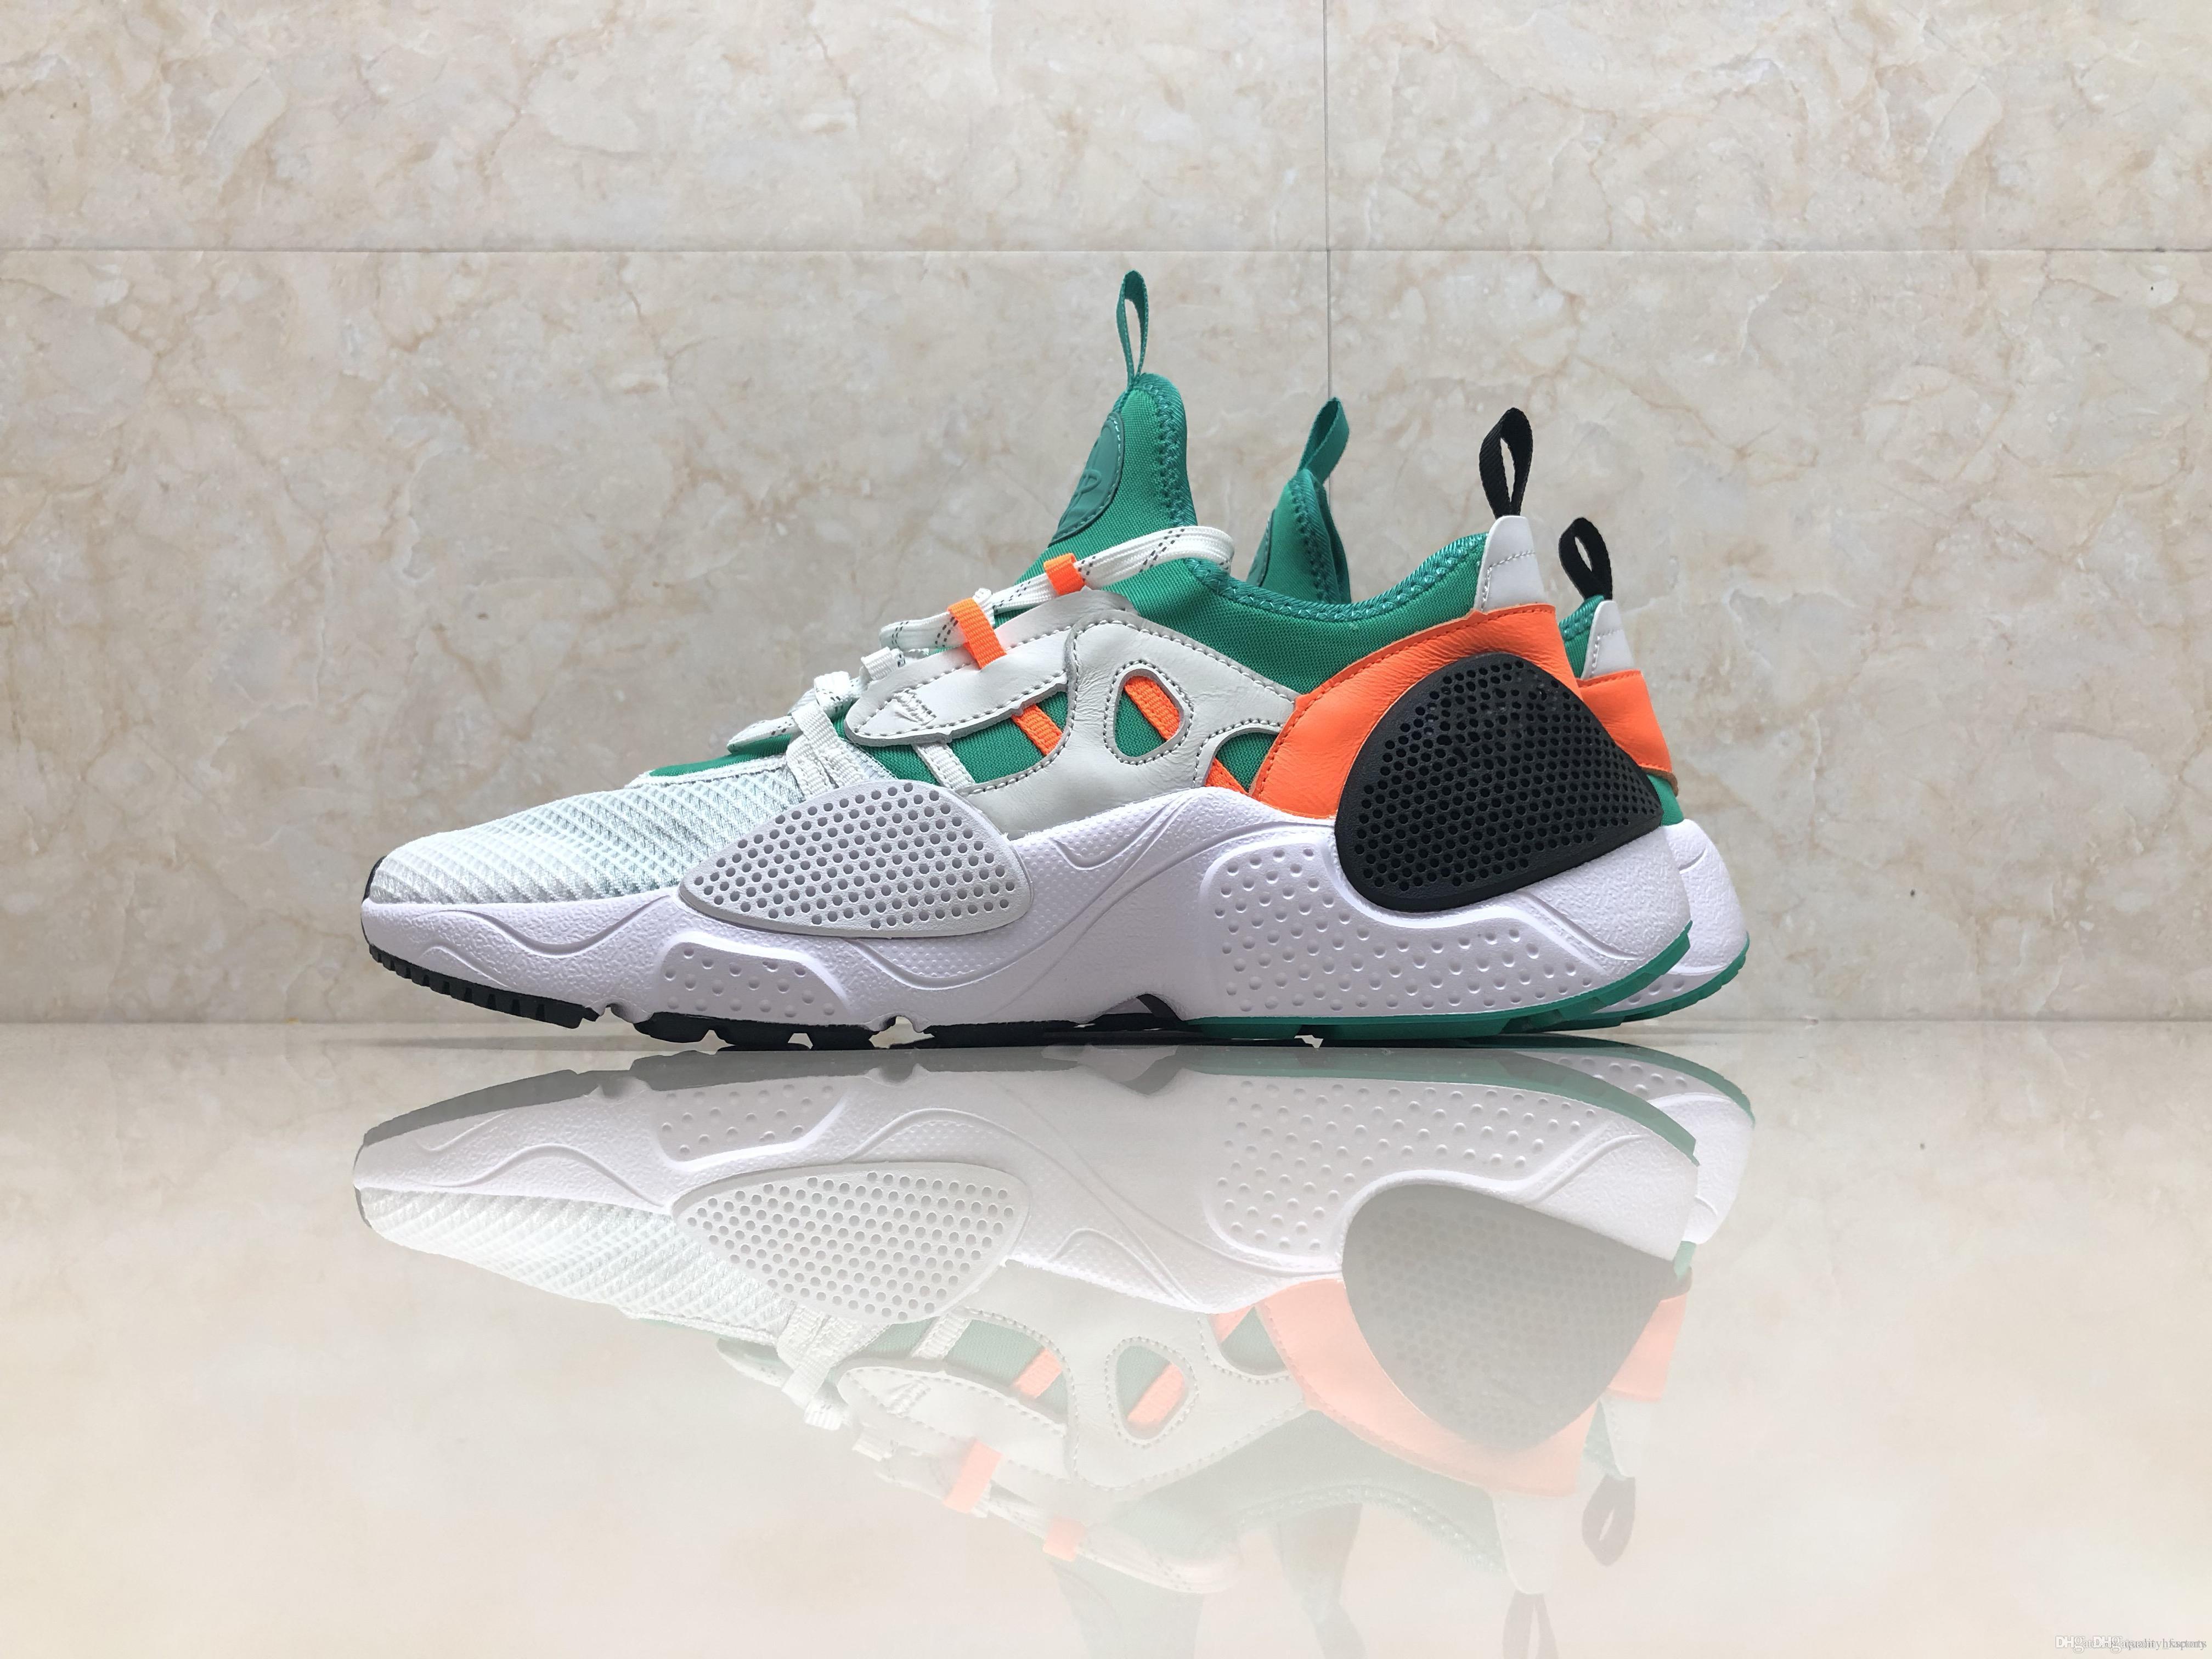 1ace7d6a75196 2019 2019 New Huarache 7 HUARACHE E.D.G.E TXT QS White Orange Green Indigo  Aurora Green New Version Of UTILIT Running Shoes From Hxsports